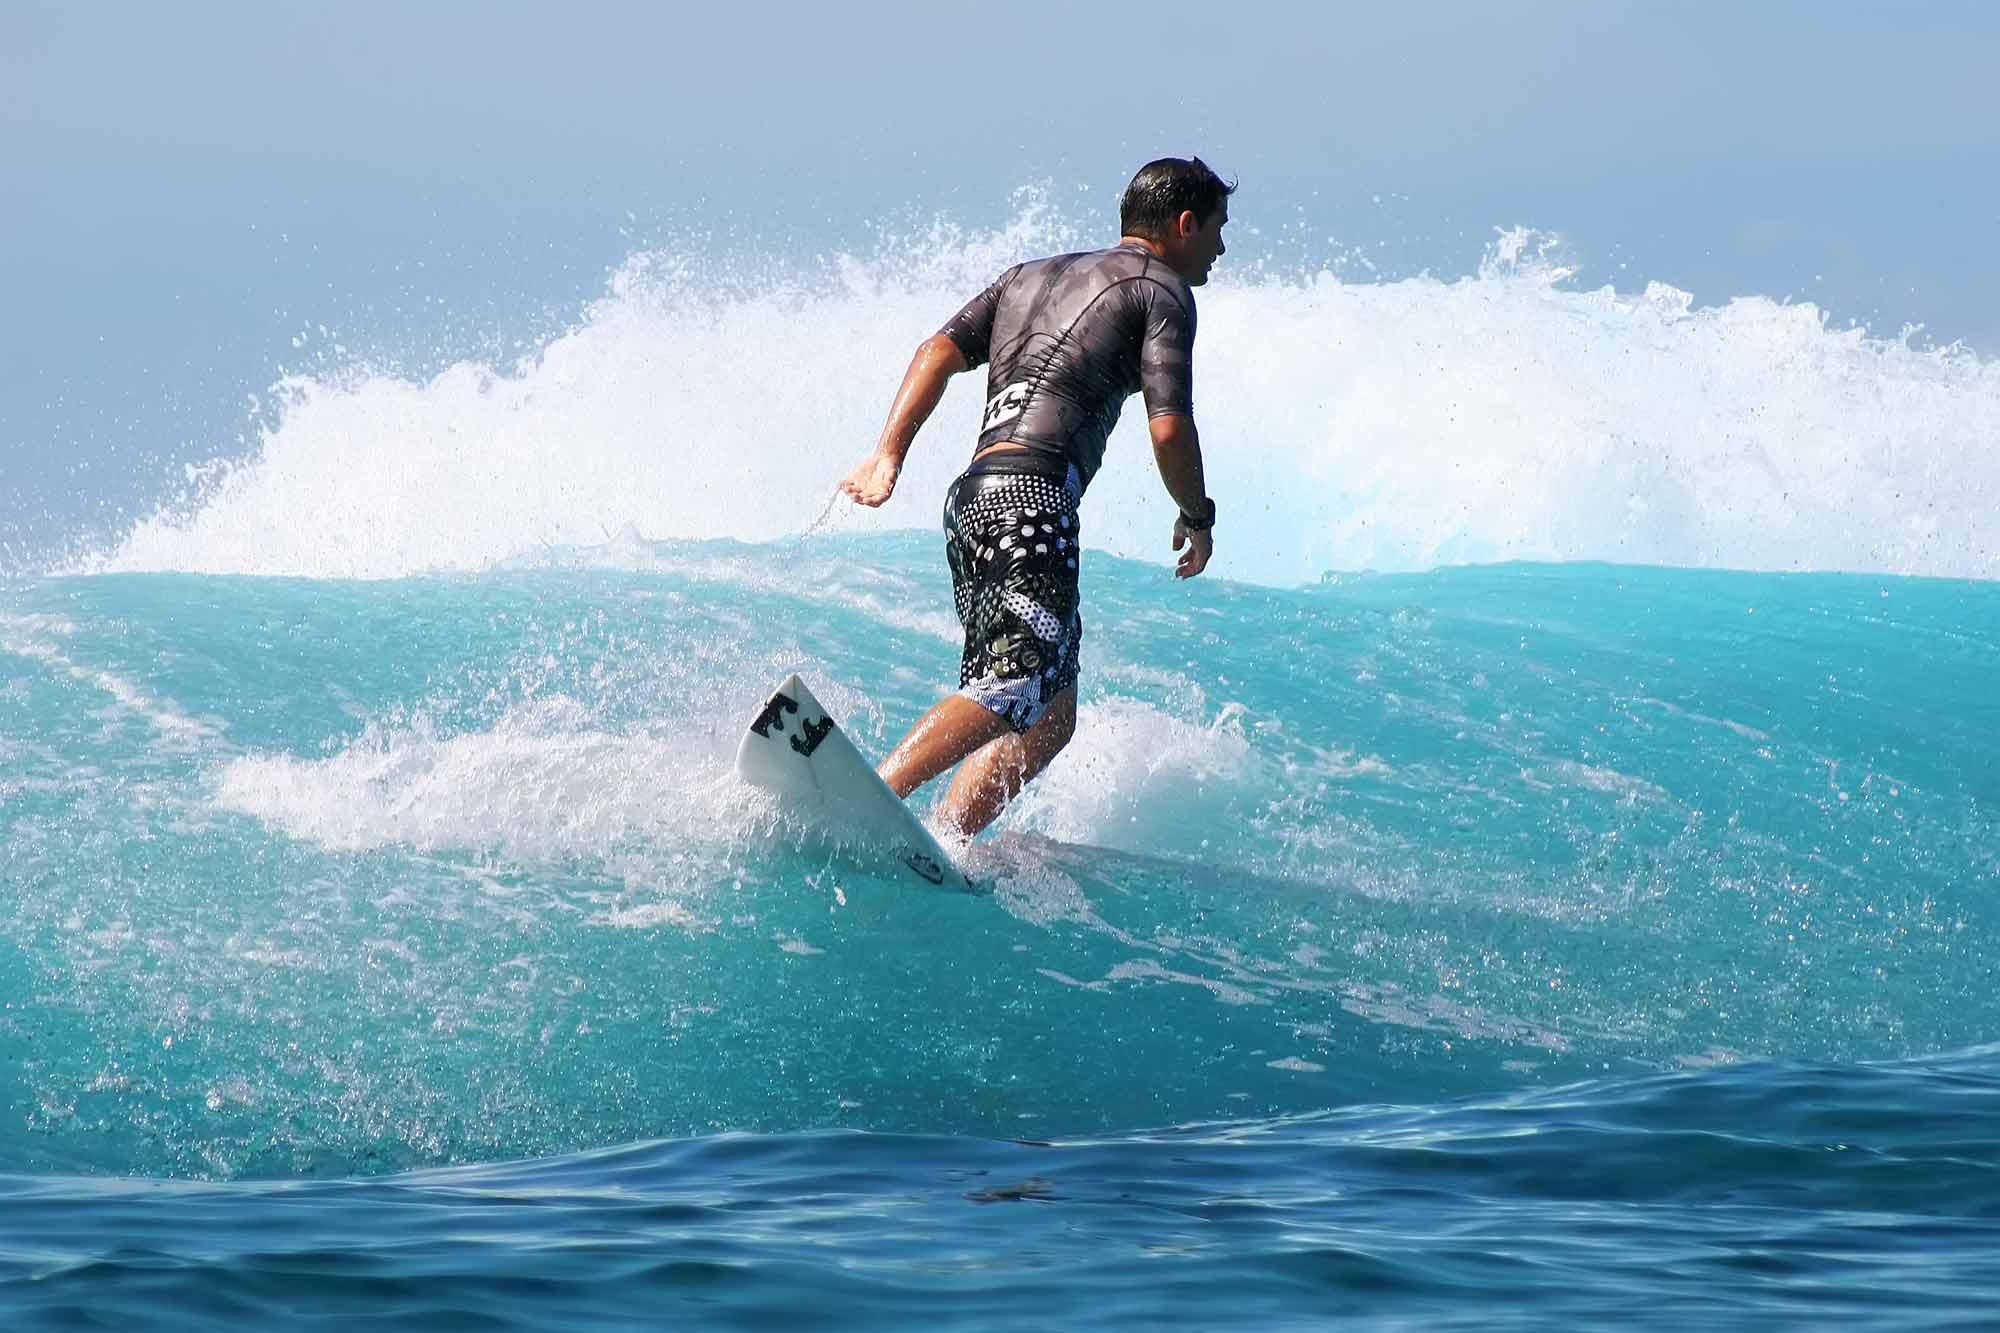 surfer-surfing-teahupoo-tahiti